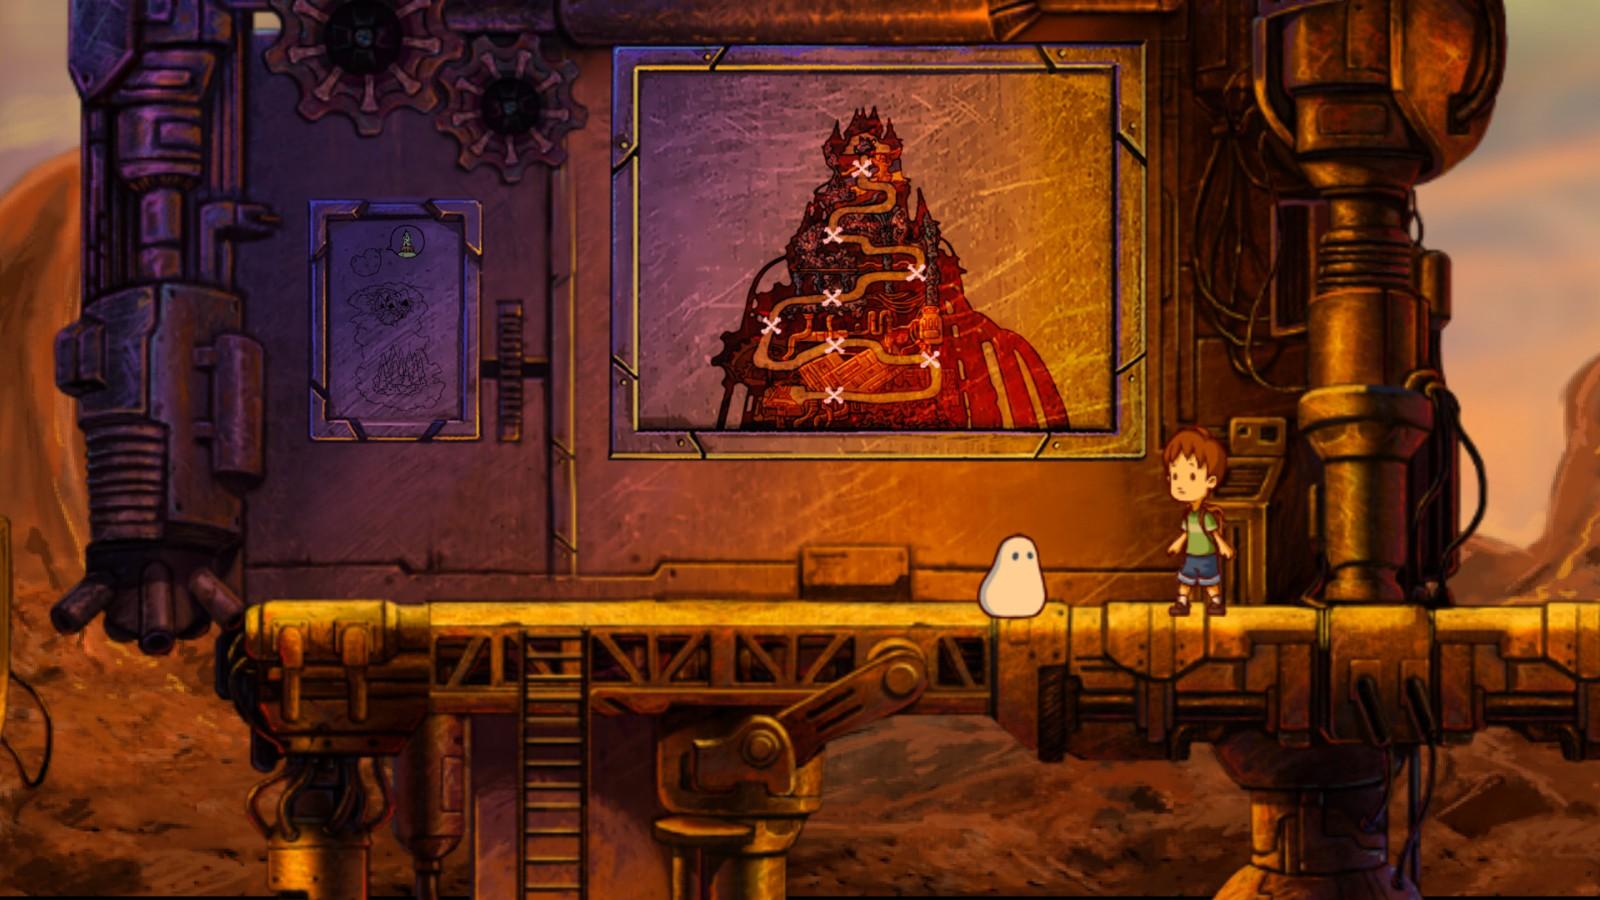 国产独立游戏《寻宝浪客:念》10月29日发售 试玩版已上线